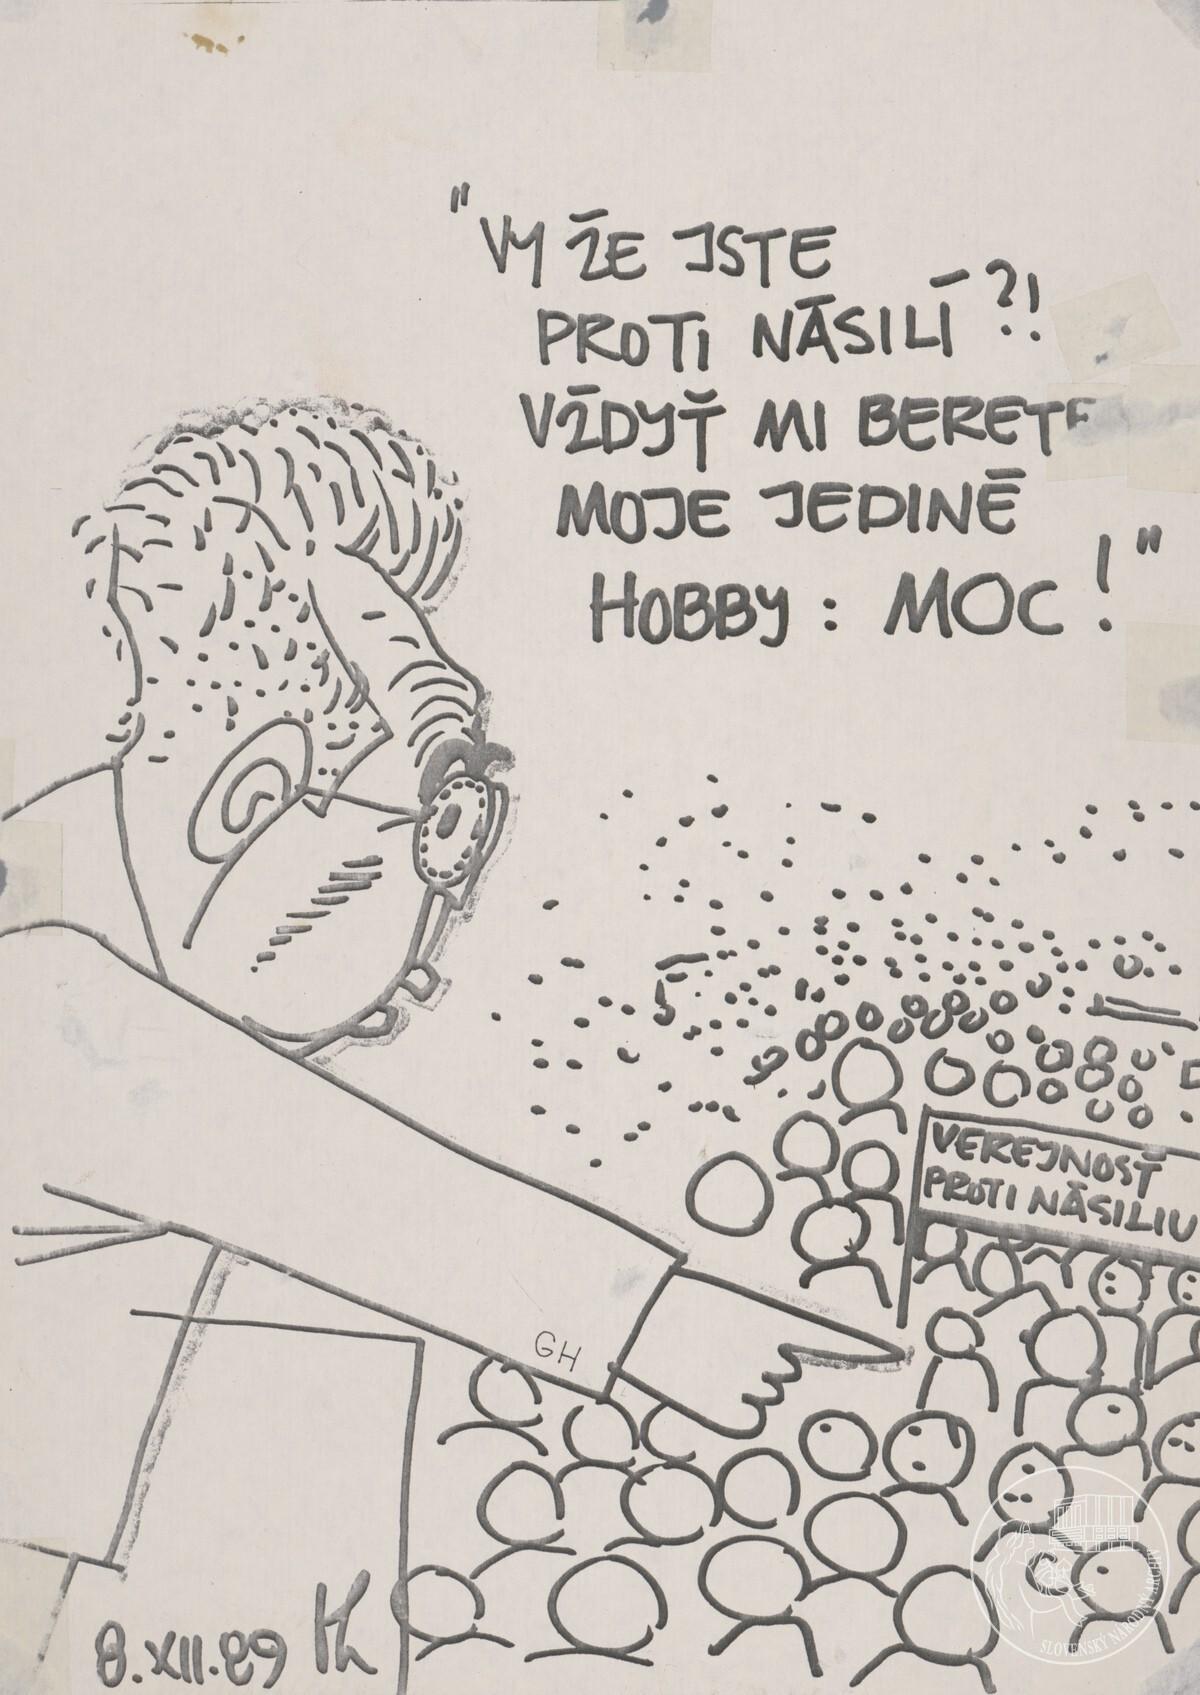 Vy že jste proti násilí?! Vždyť mi berete moje jediné hobby: Moc!. 1989. Slovenský národný archív